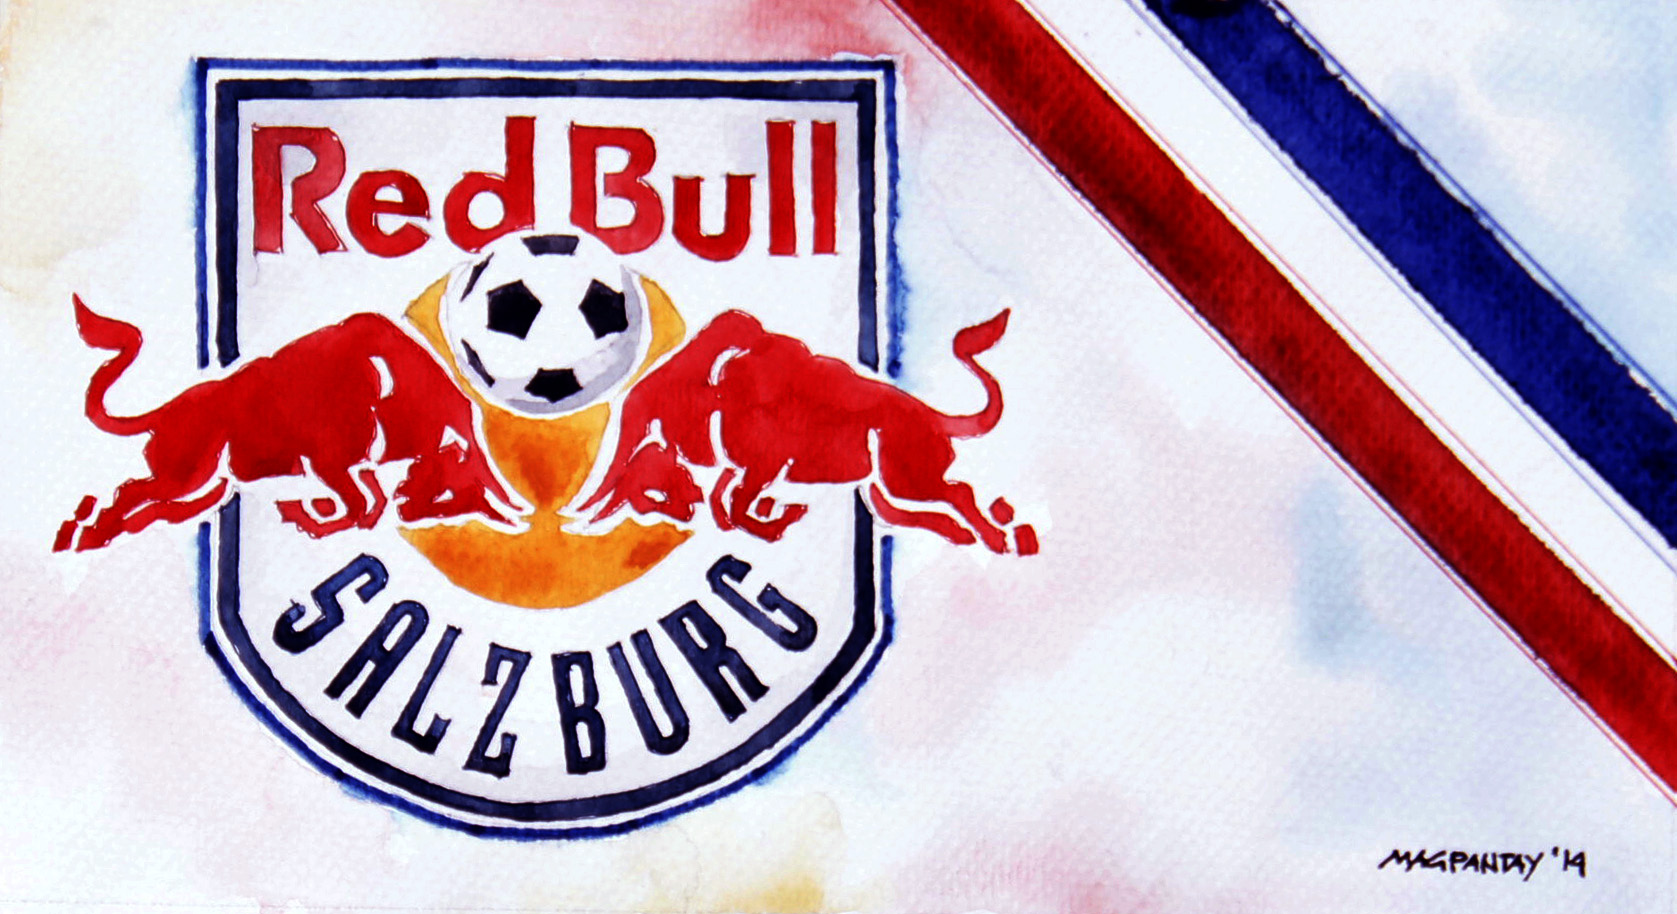 Red-Bull-Salzburg-Wappen-mit-Farben.jpg?